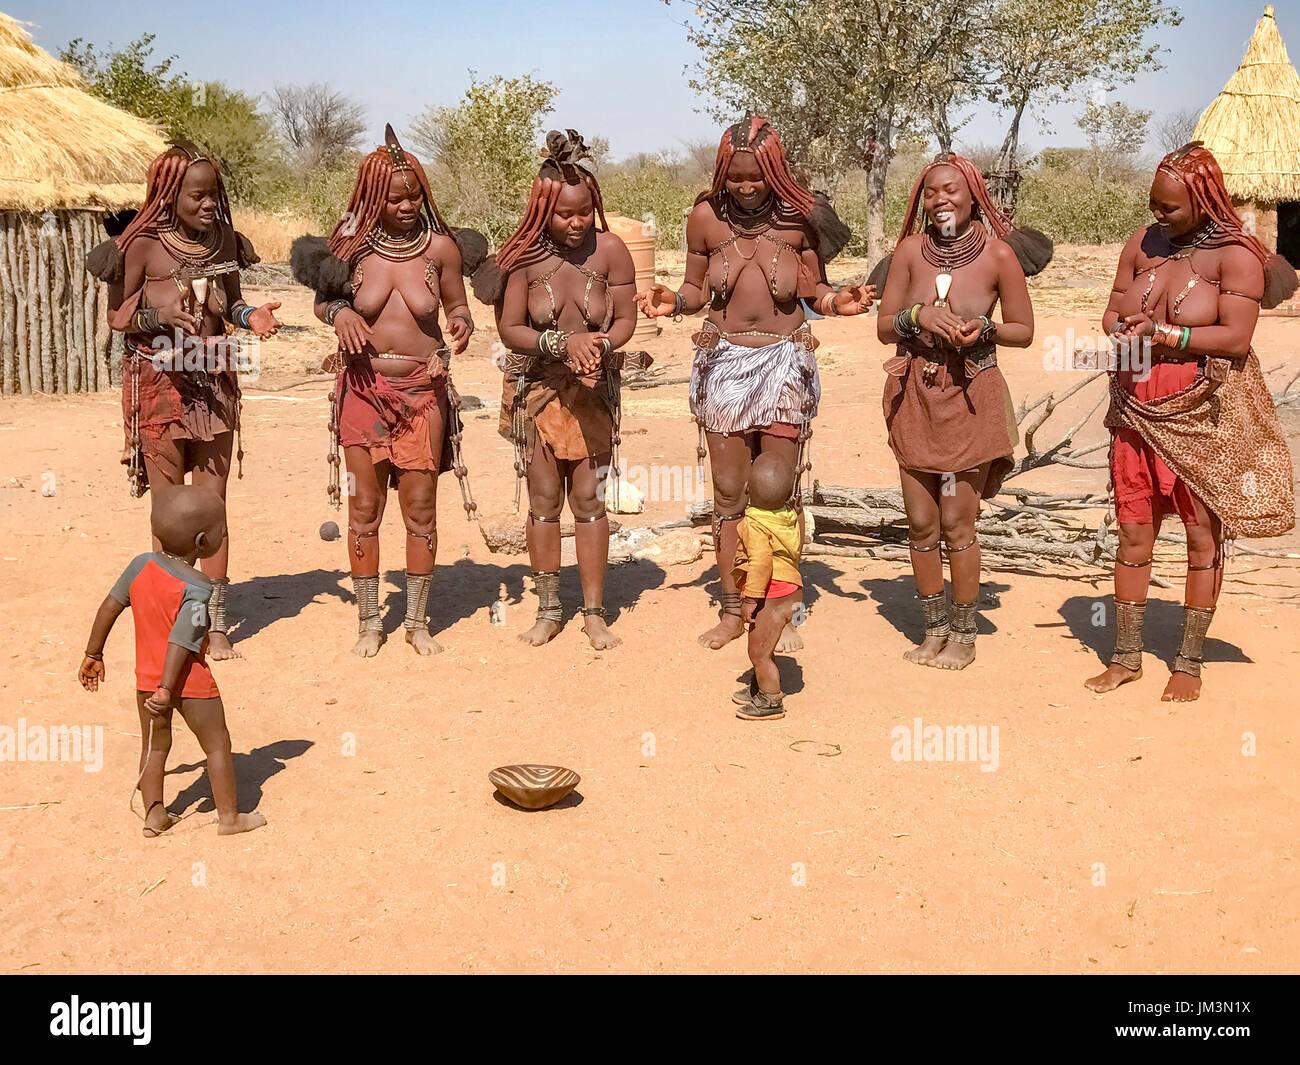 Namibia. Africa. - Stock Image